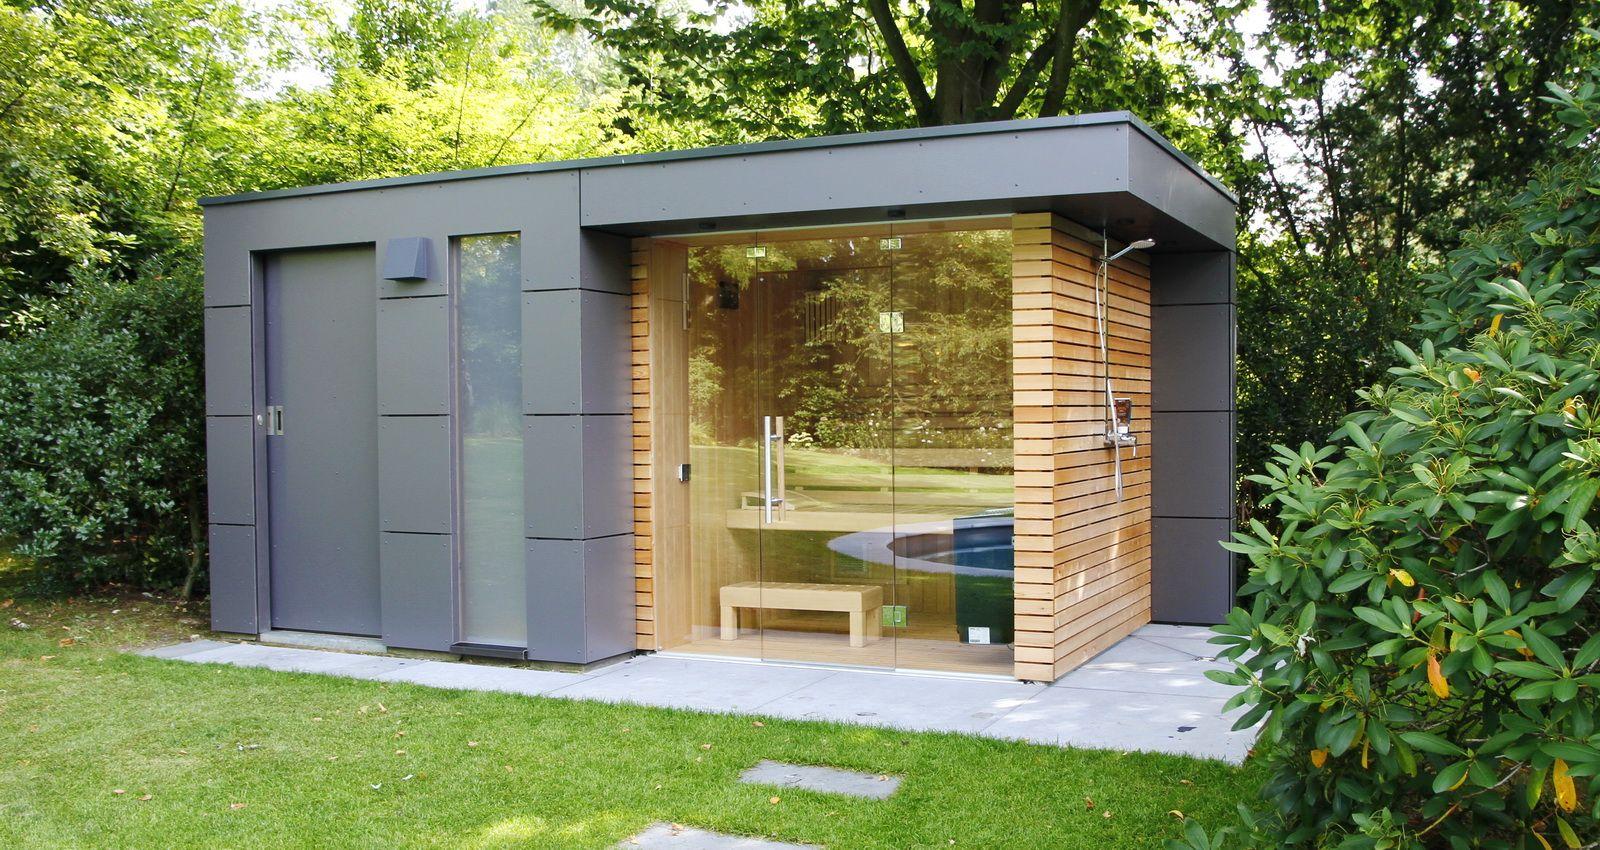 Design Gartenhaus moderne Gartenhäuser schicke Gartensauna